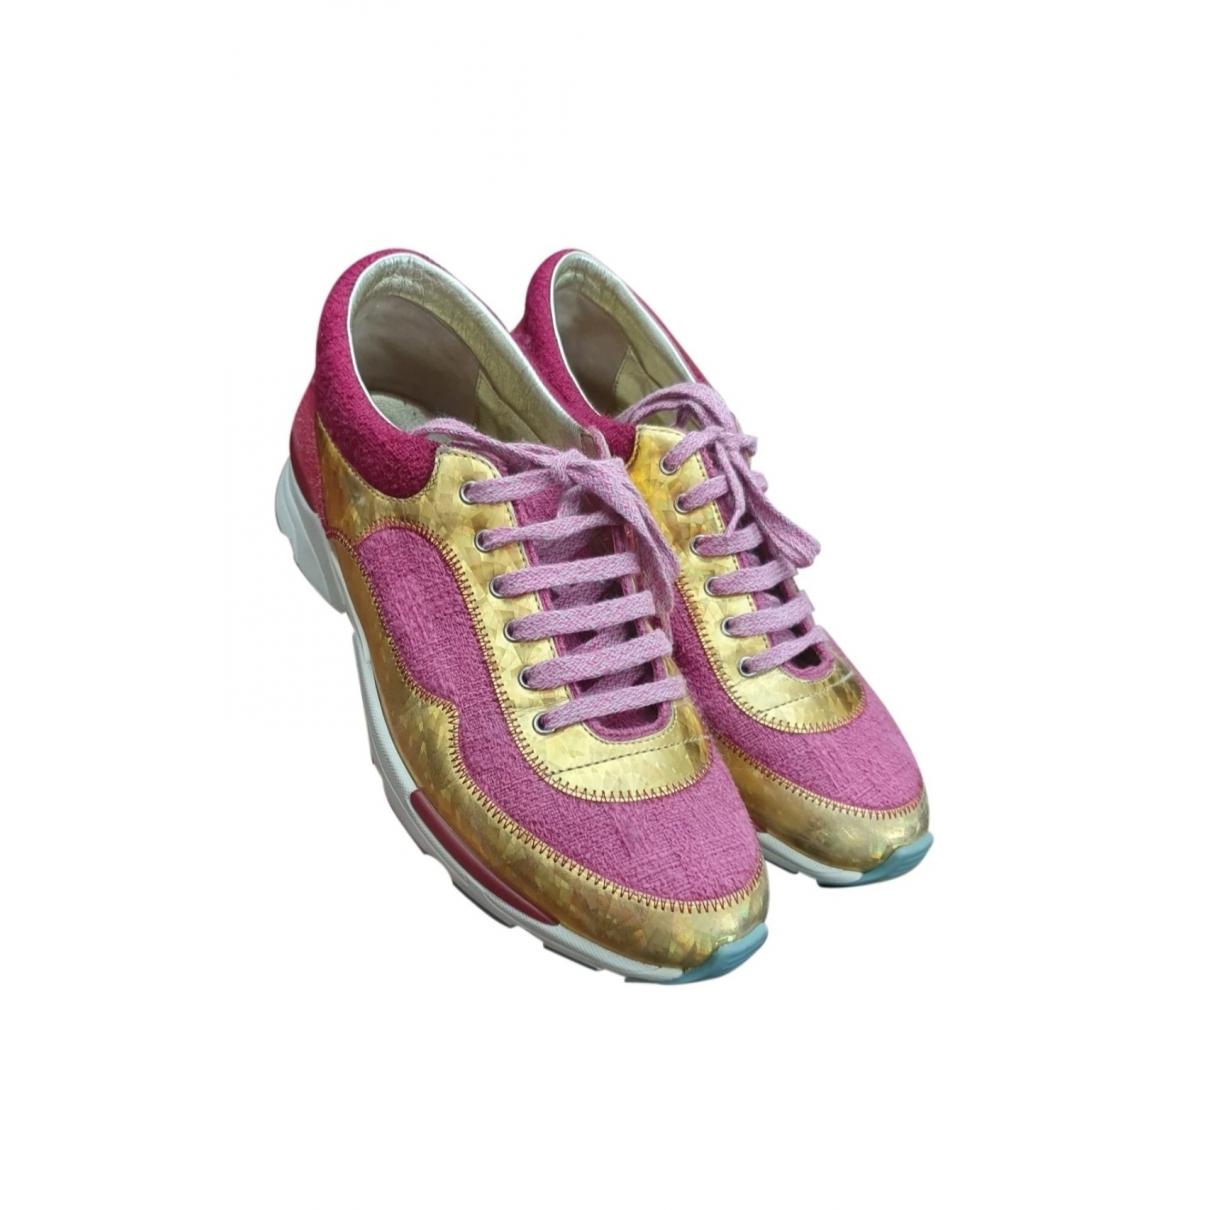 Chanel - Baskets   pour femme en toile - rose